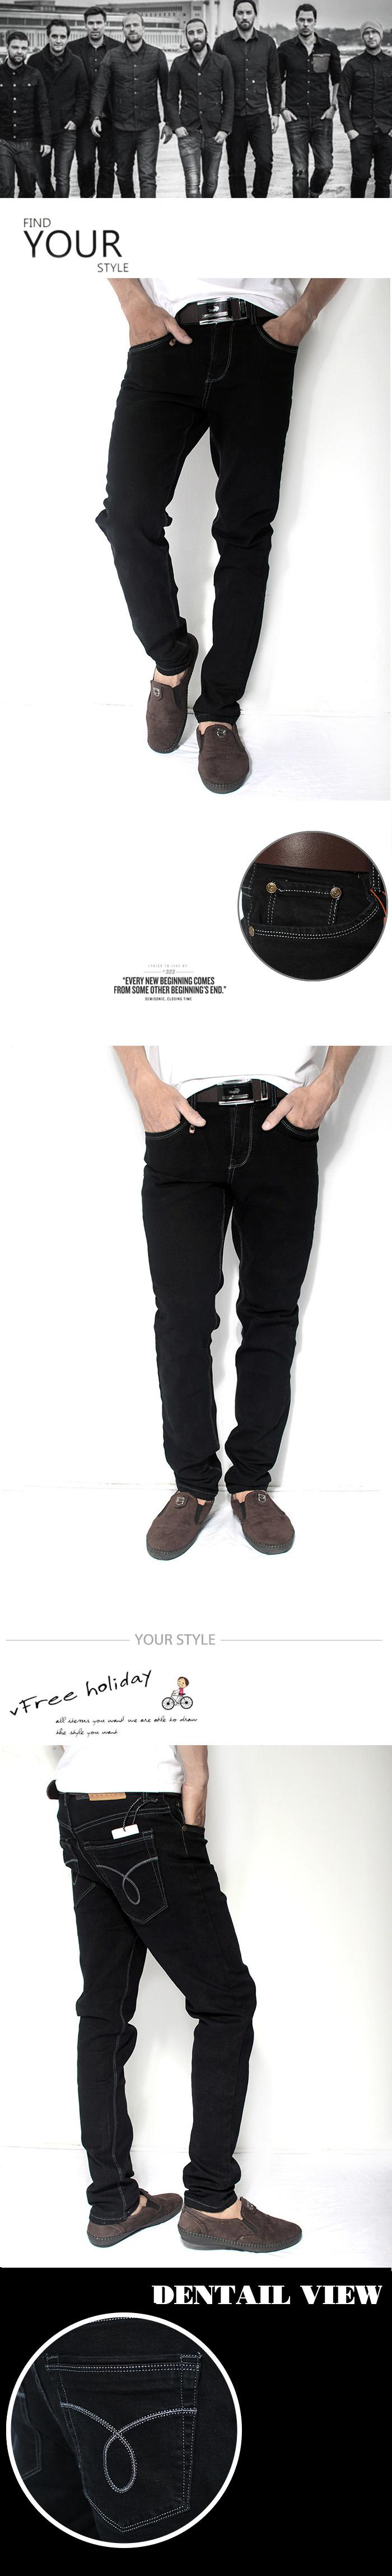 Quần jean đen qj1176 - 1